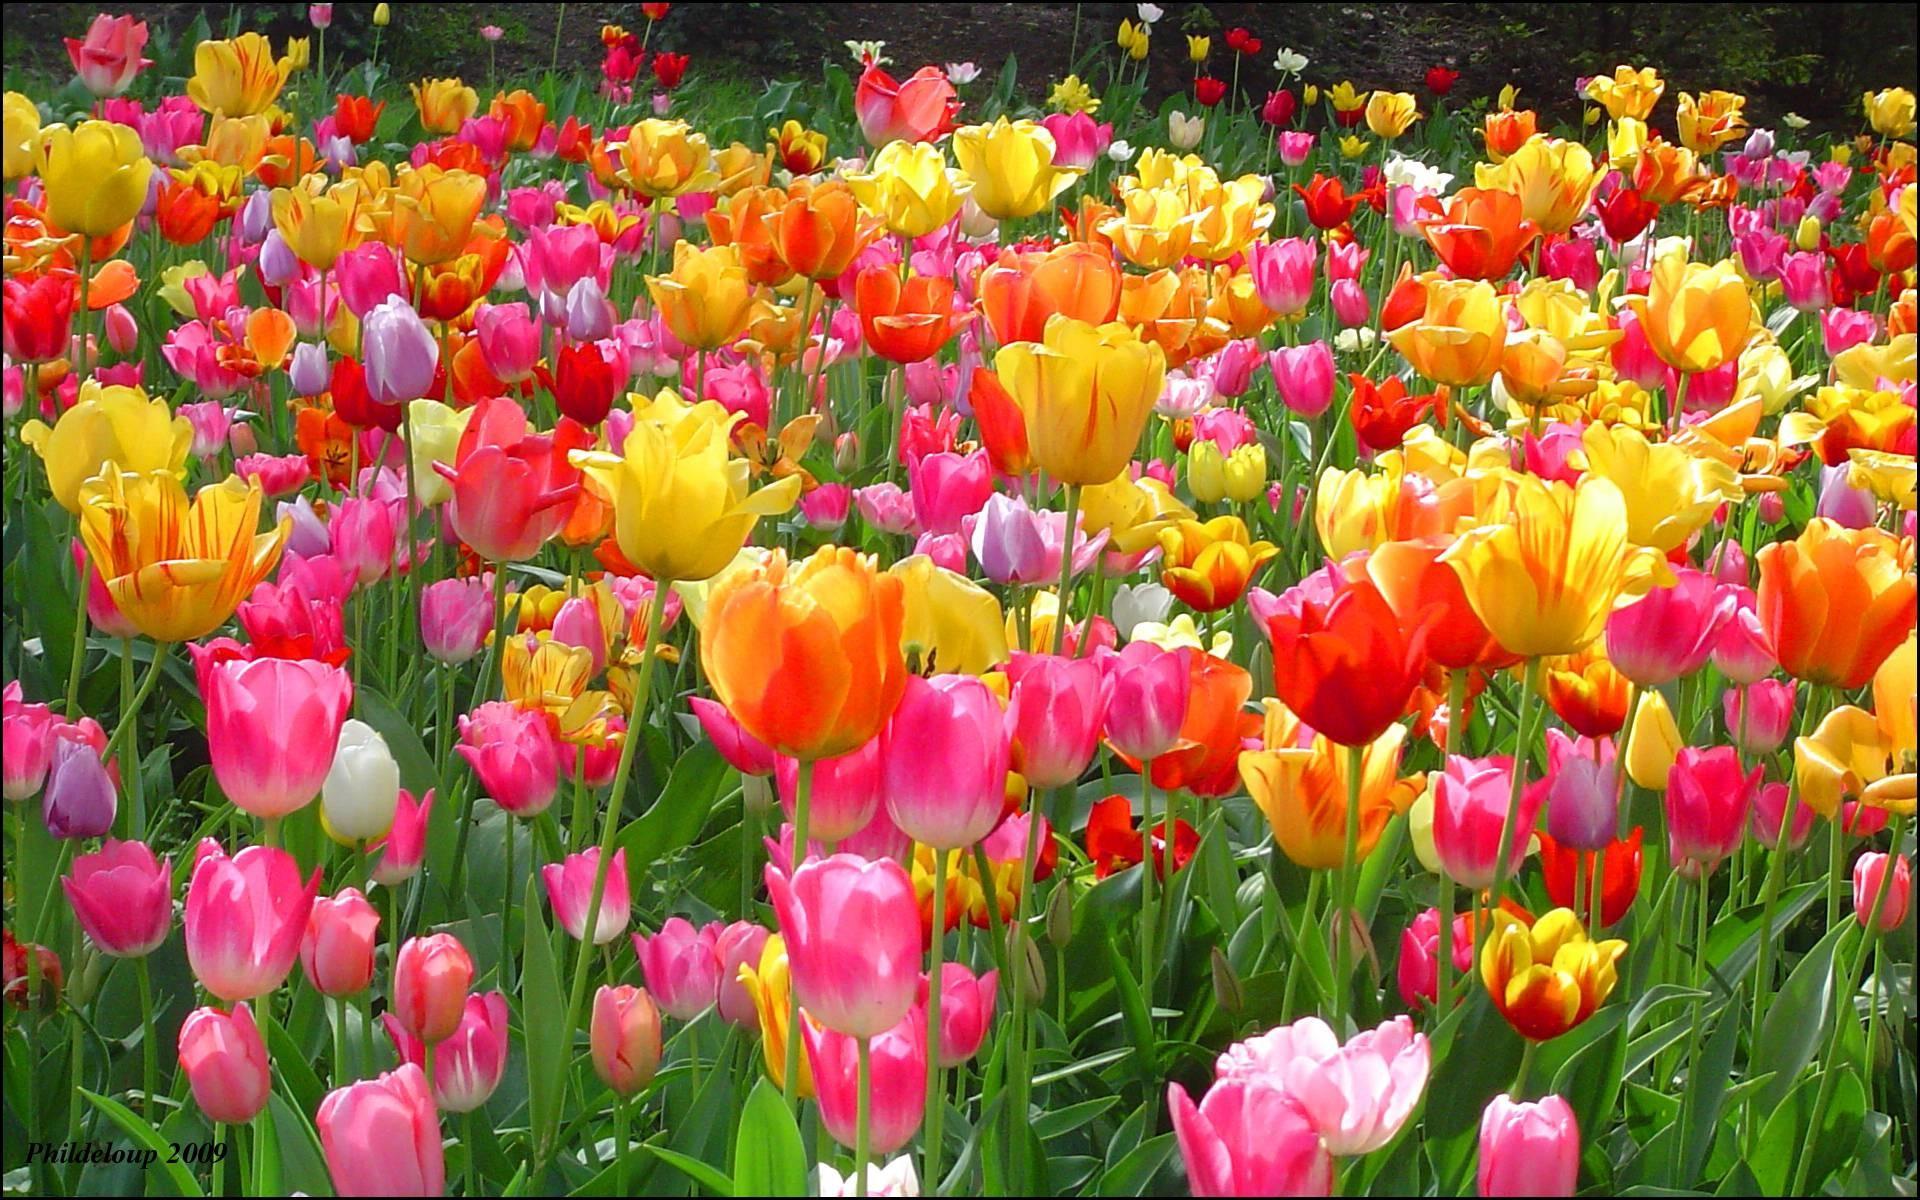 Ảnh khu vườn hoa Tulip rực rỡ sắc màu